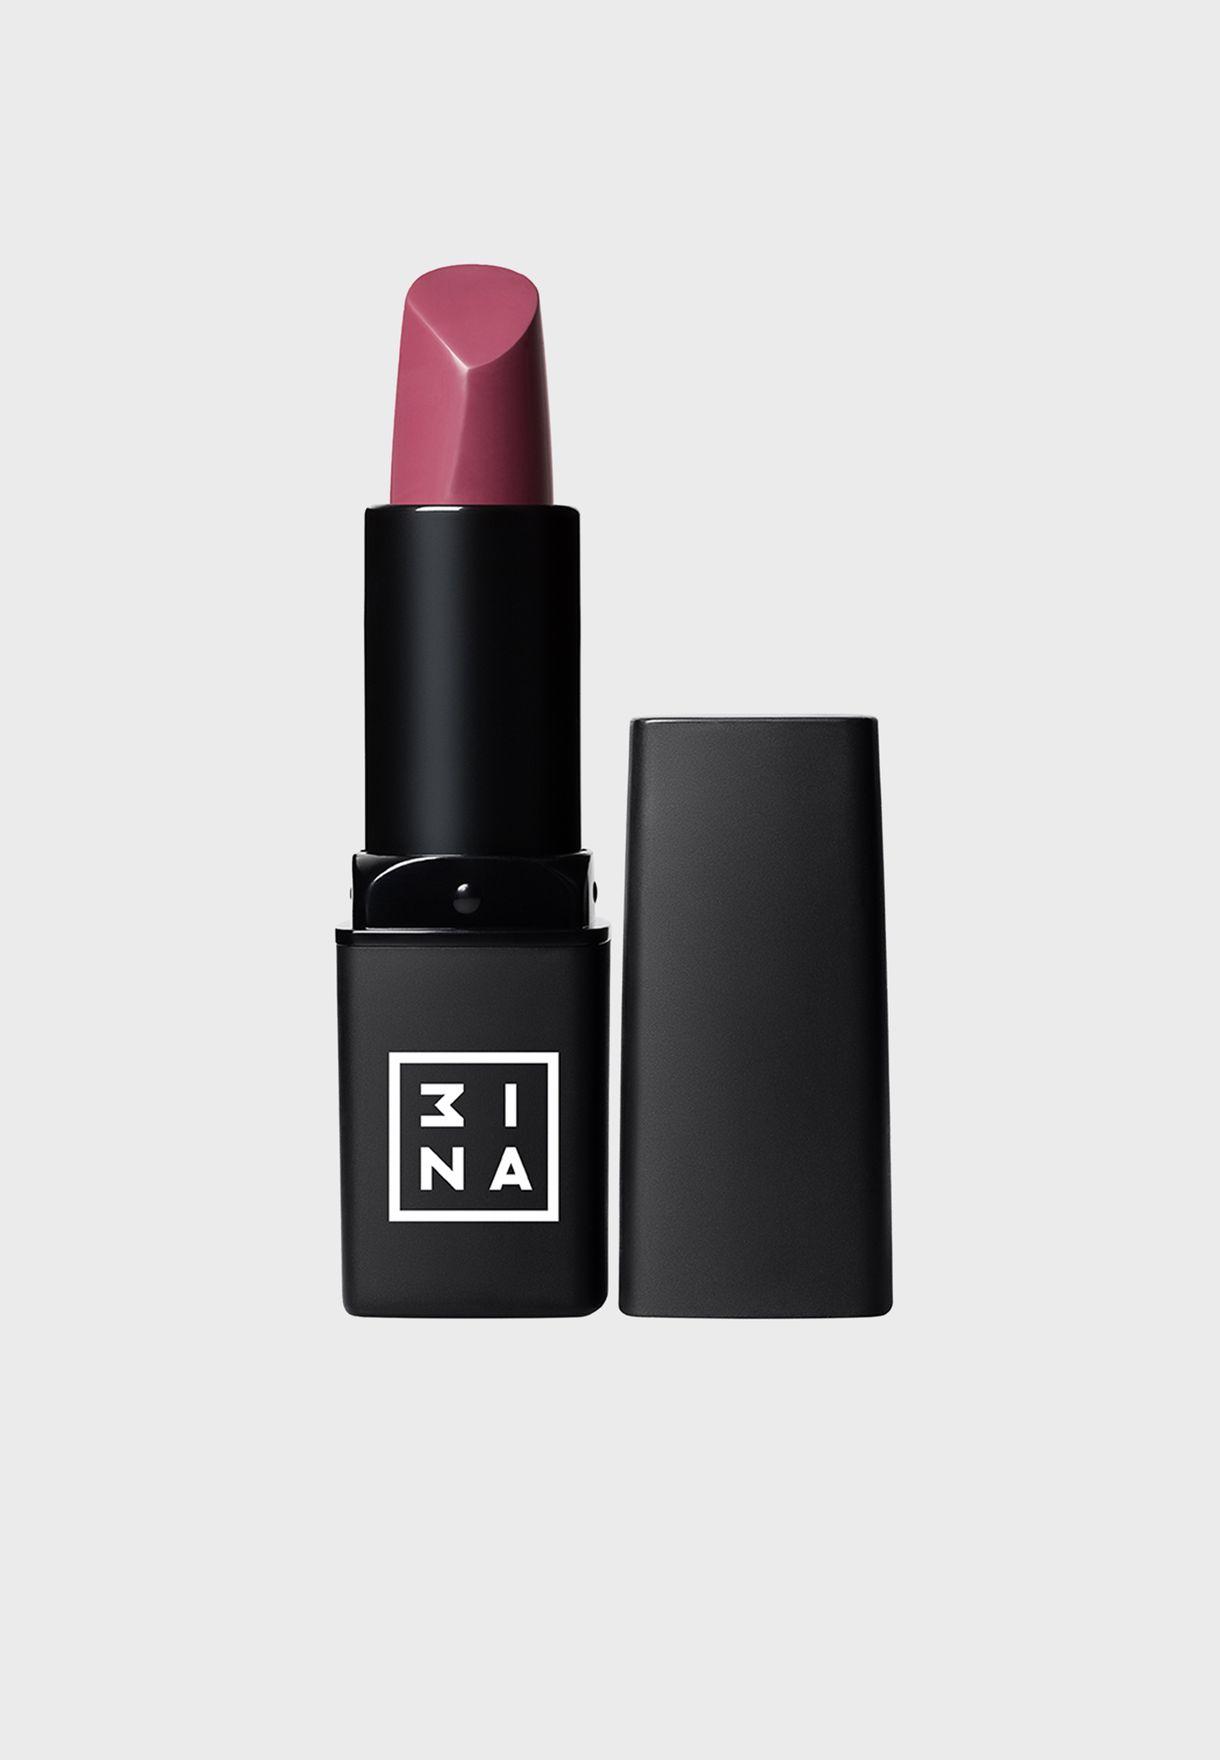 The Matte Lipstick 405